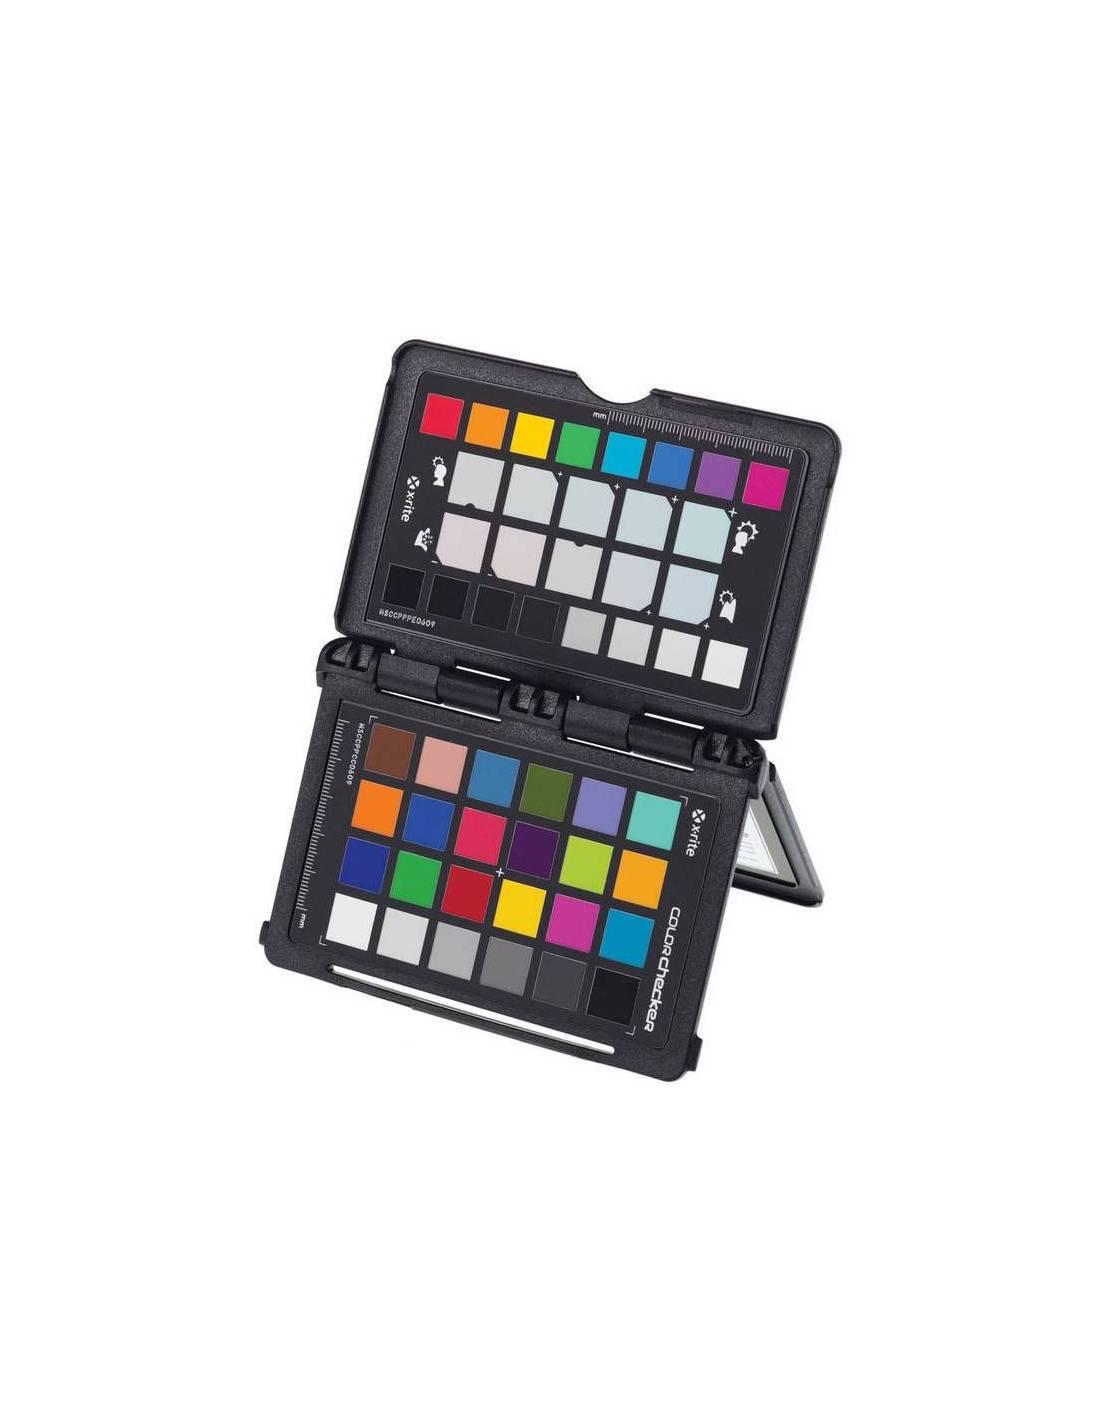 X-RITE COLORCHECKER PASSPORT PHOTO (carta de color)